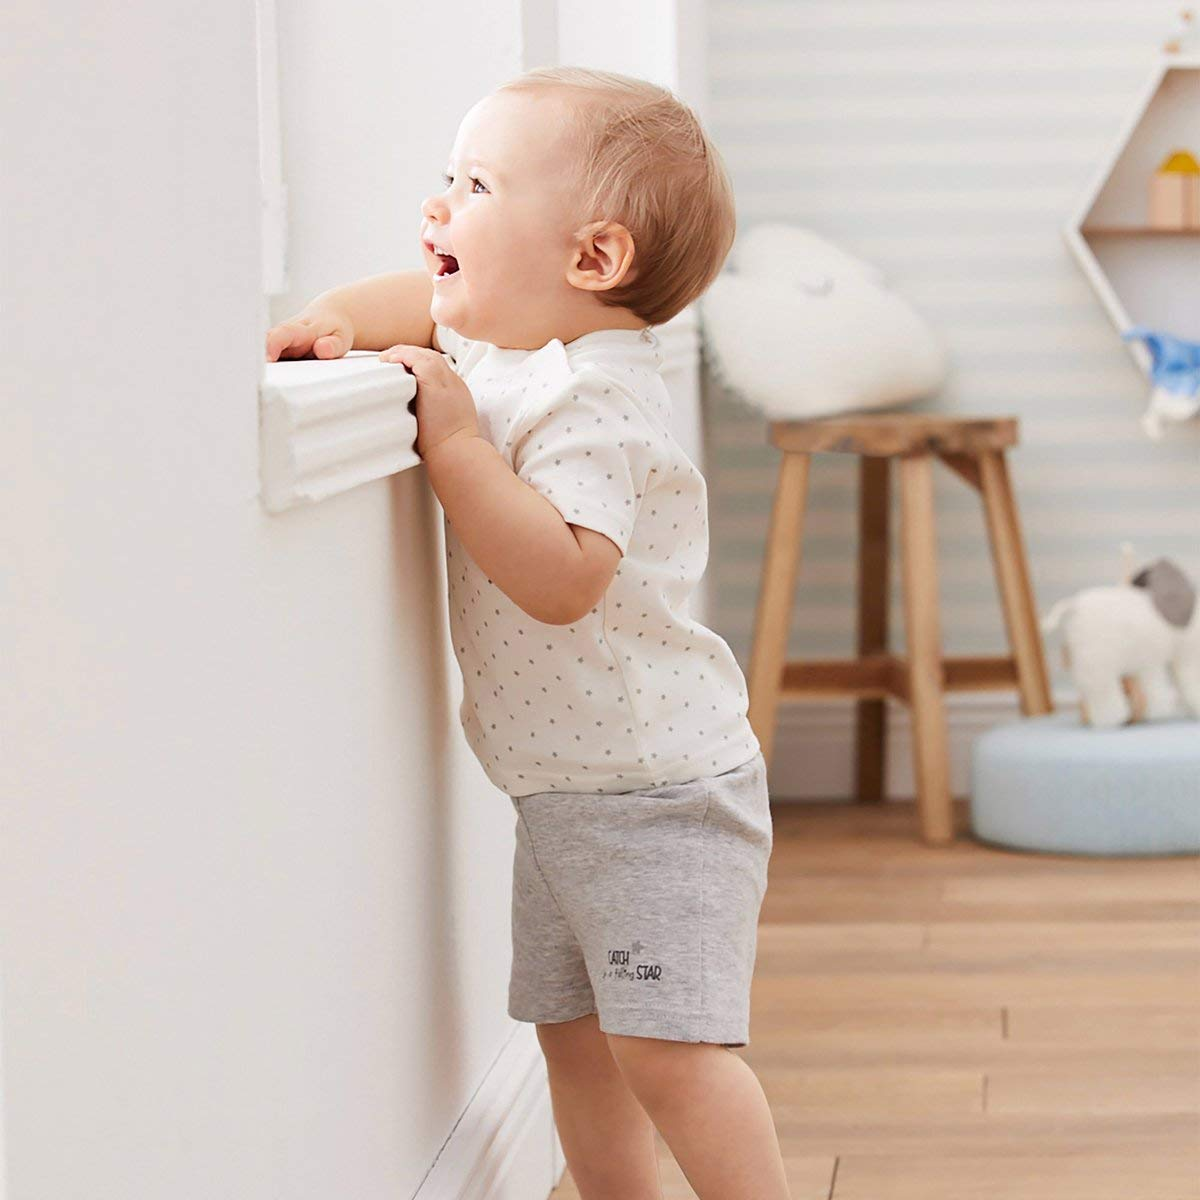 Bornino Basics Schlafanzug kurz Baby-Pyjama mit kurzen /Ärmeln /& Hosenbeinen Sterneallover//grau Melange Schlafhose /& Schlaf-Shirt